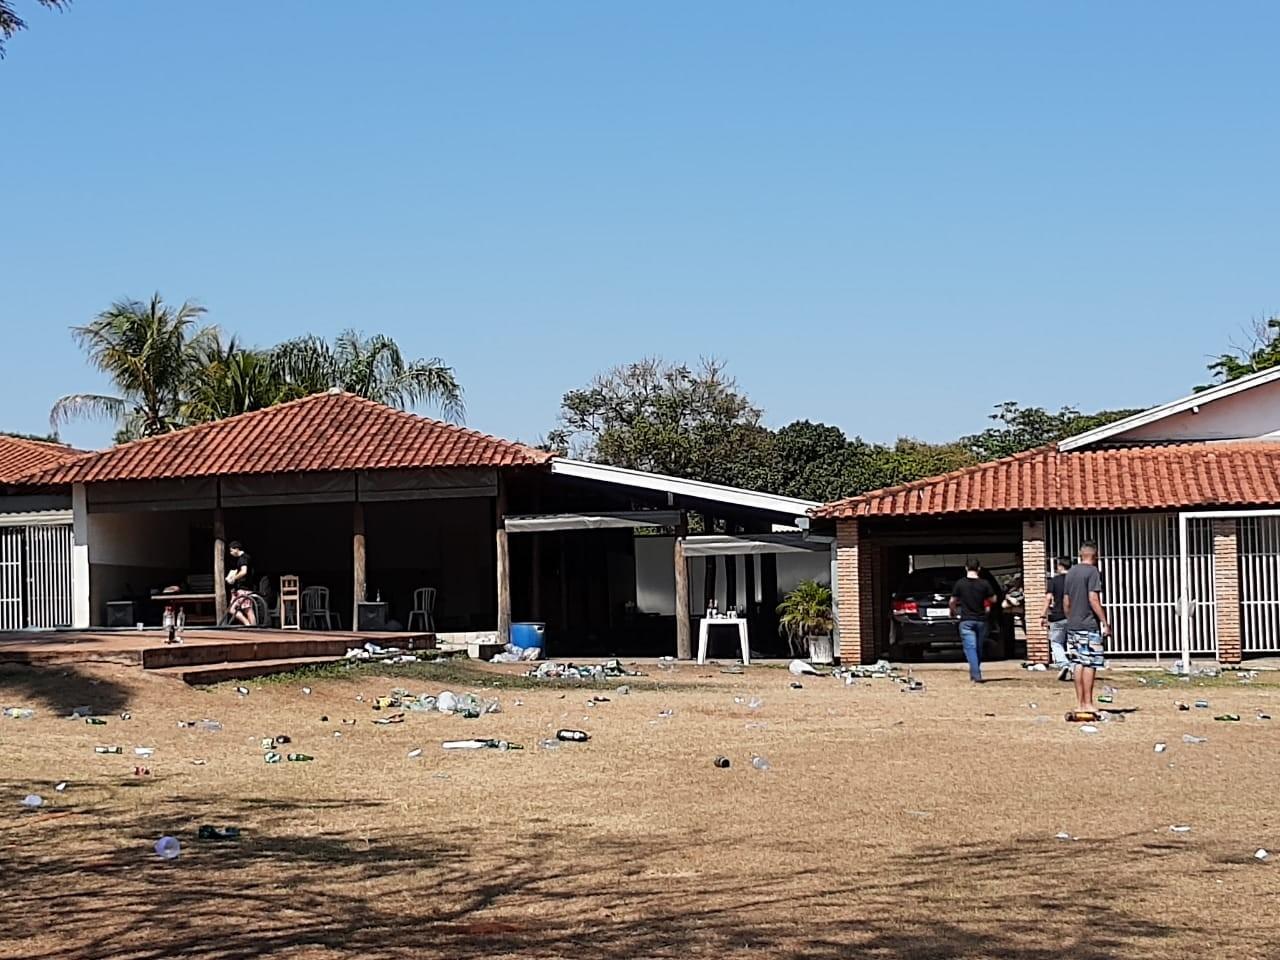 Polícia Militar interrompe pancadão em chácara após denúncia em Rio Preto